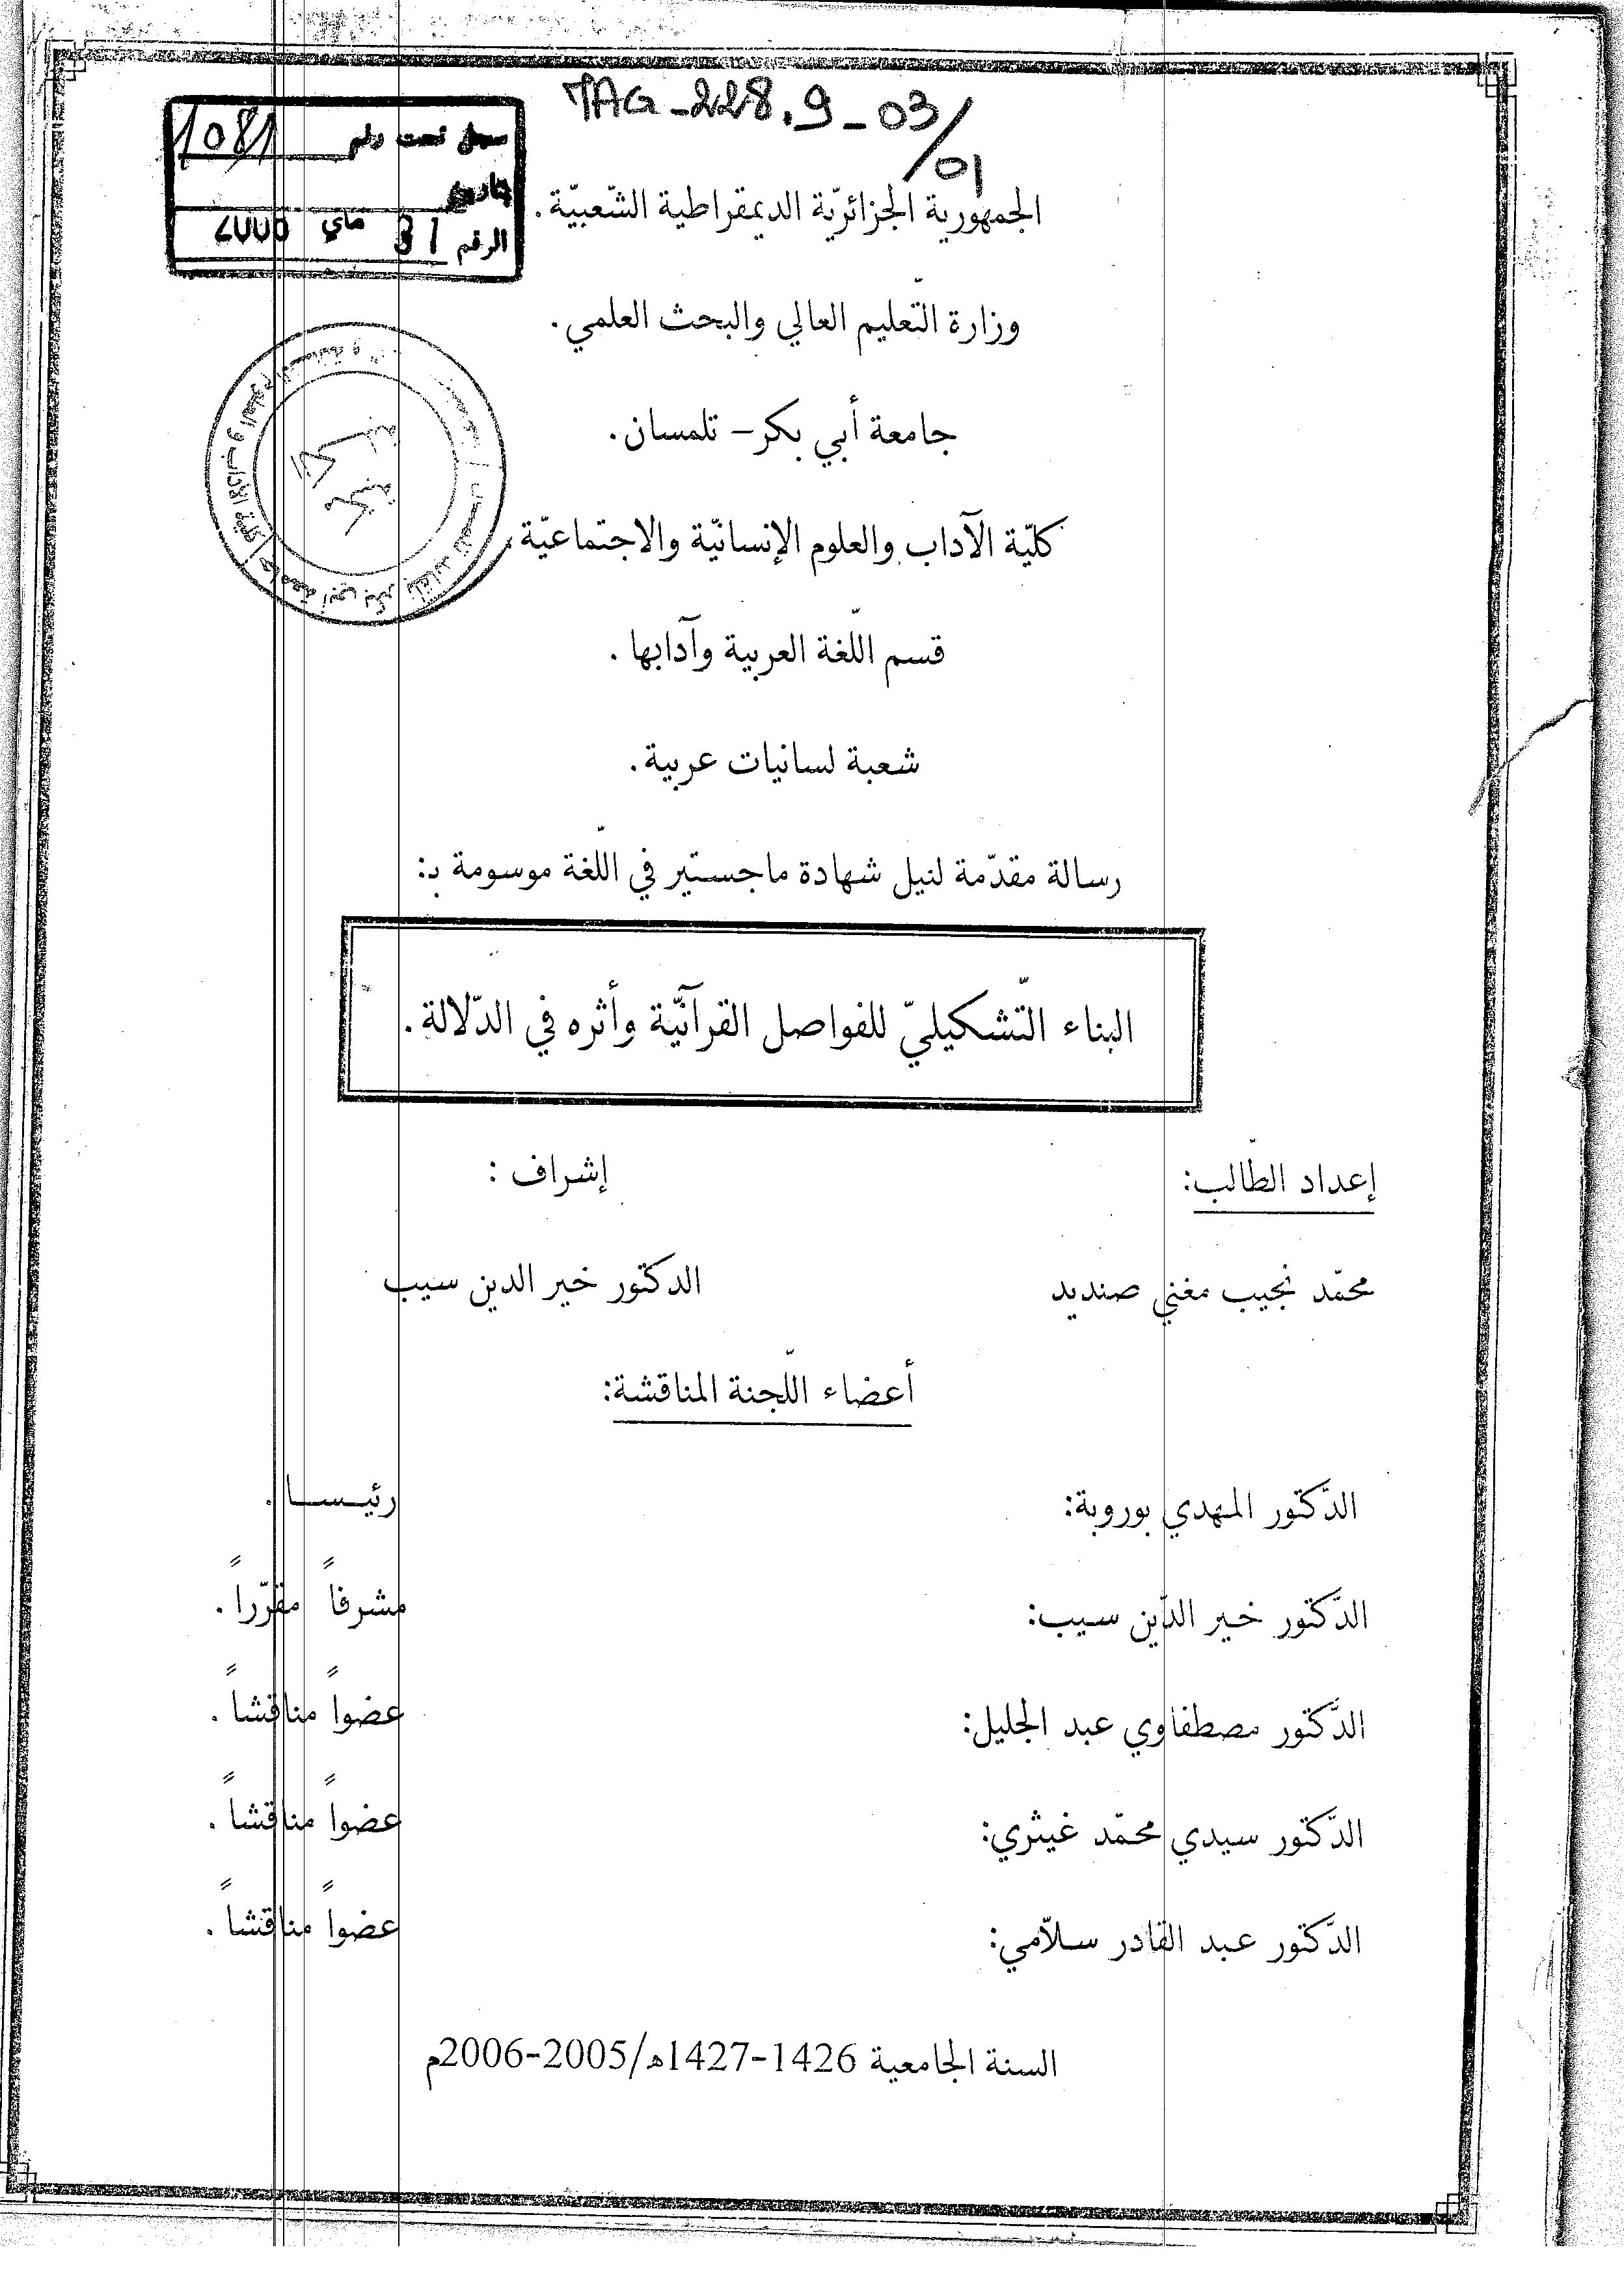 البناء التشكيلي للفواصل القرآنية وأثره في الدلالة - محمد نجيب مغني صنديد